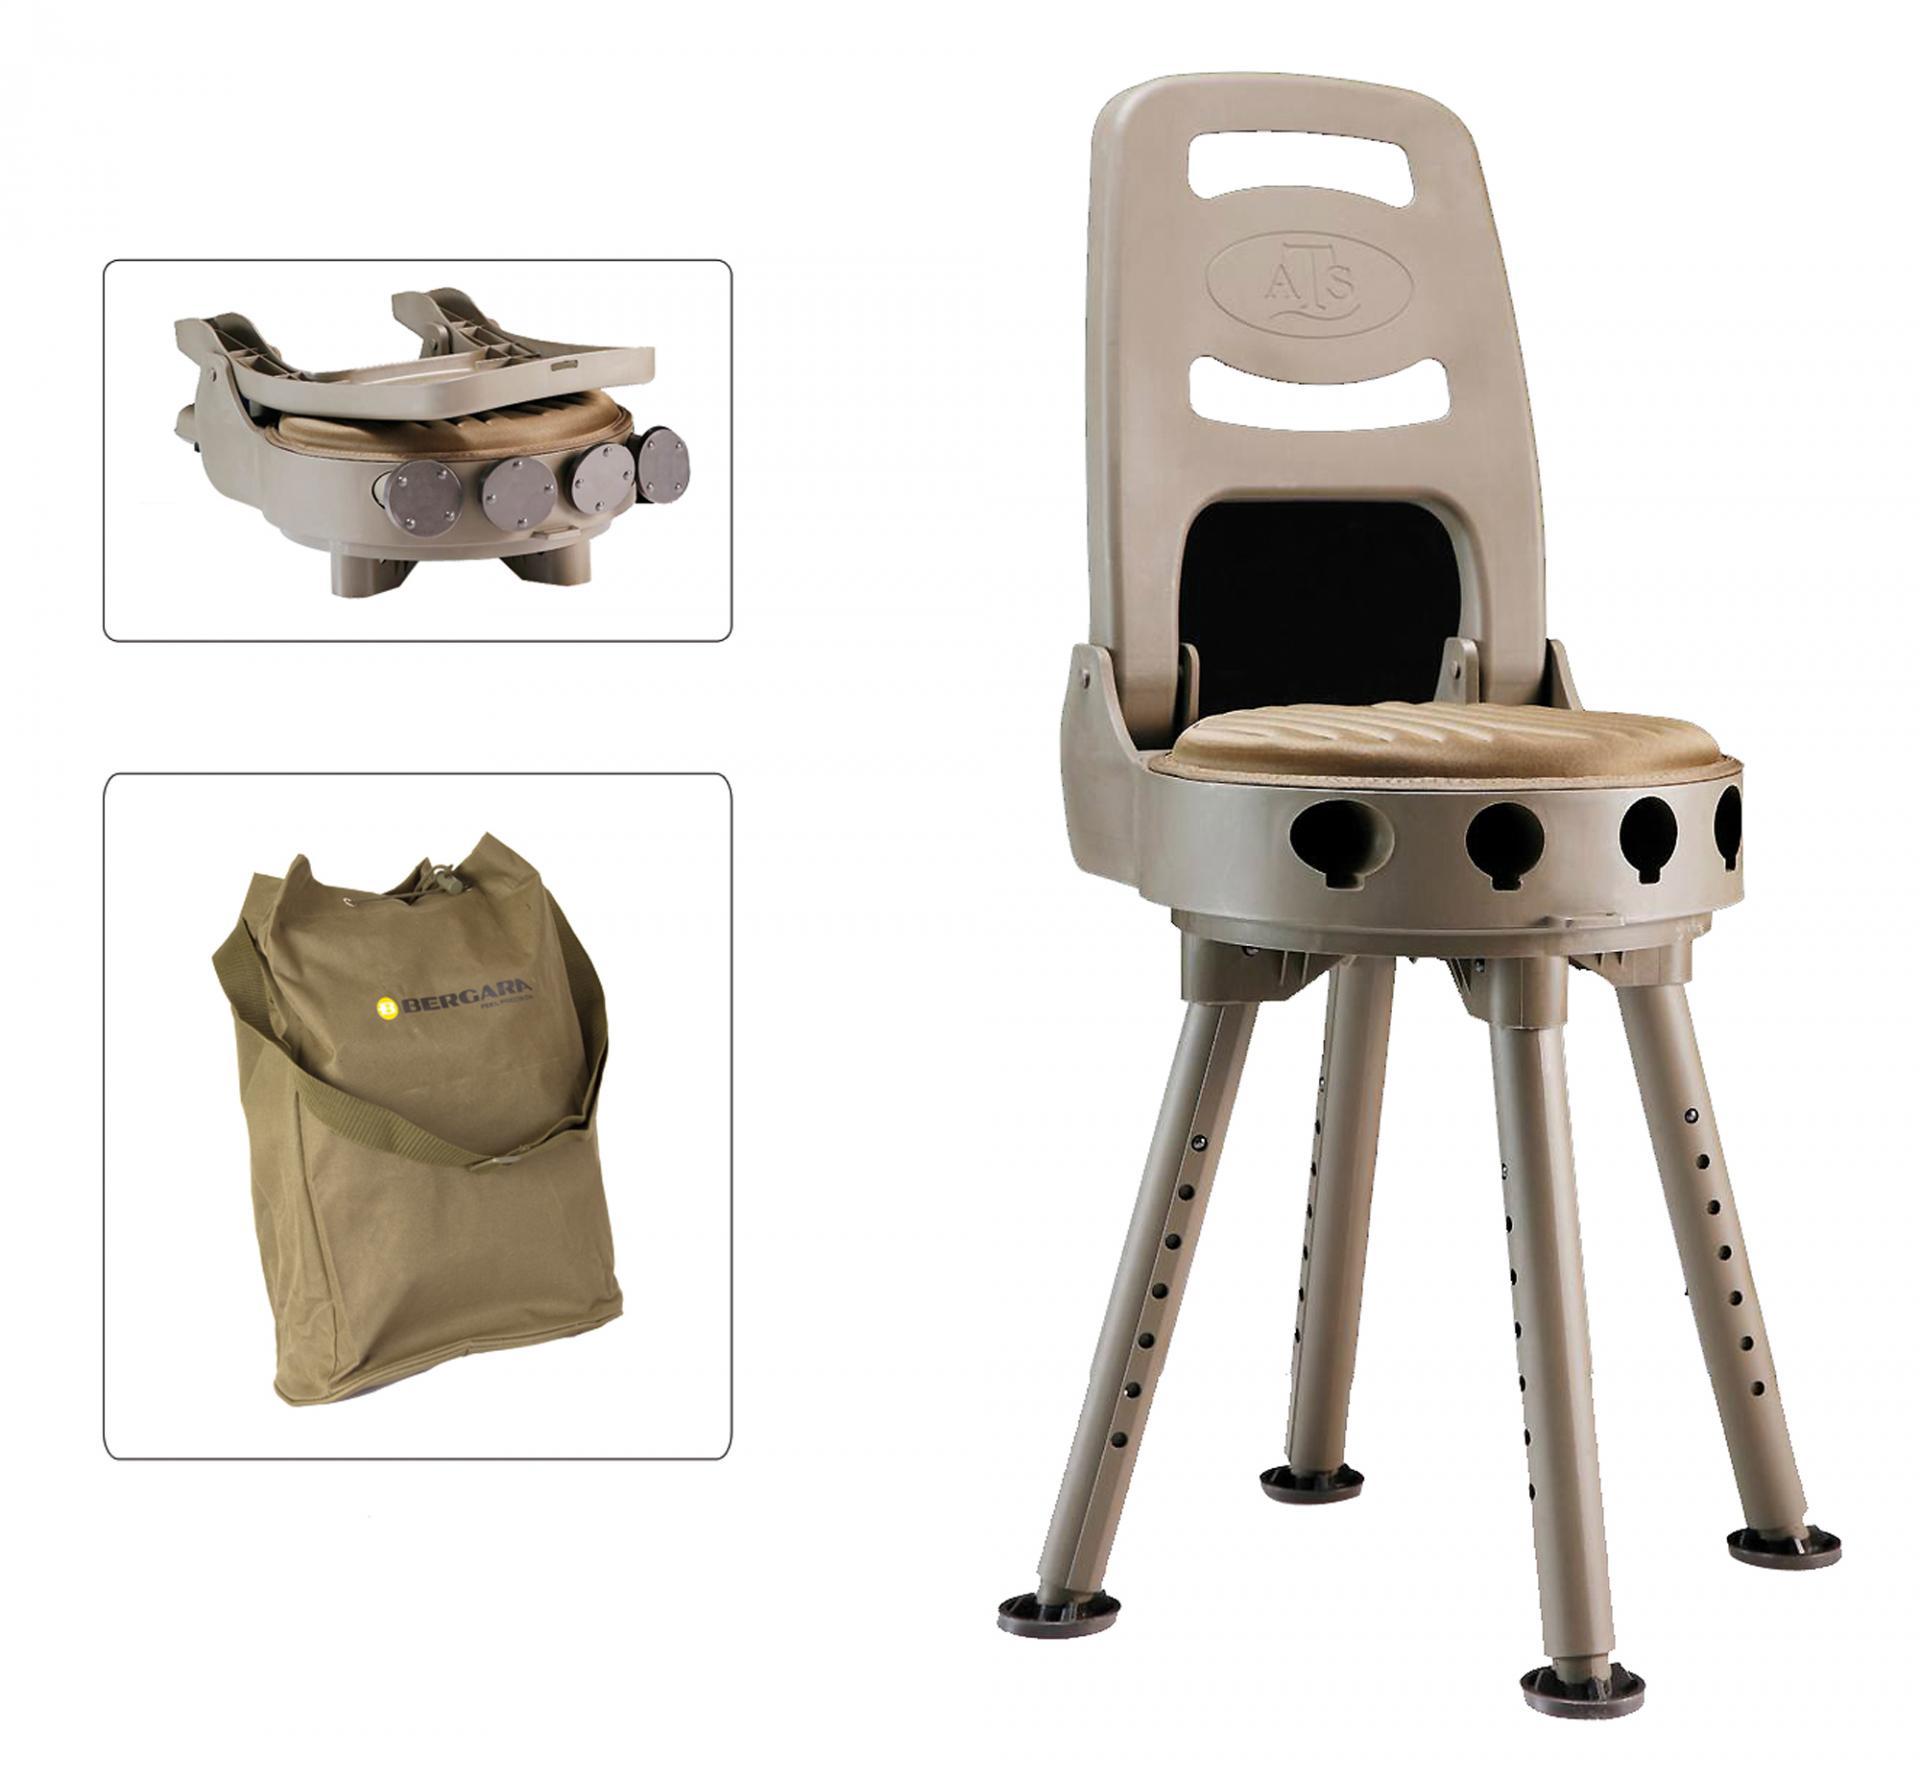 Sie ge d affu t ats de montable transportable et rotatif chez chasseur et compagnie